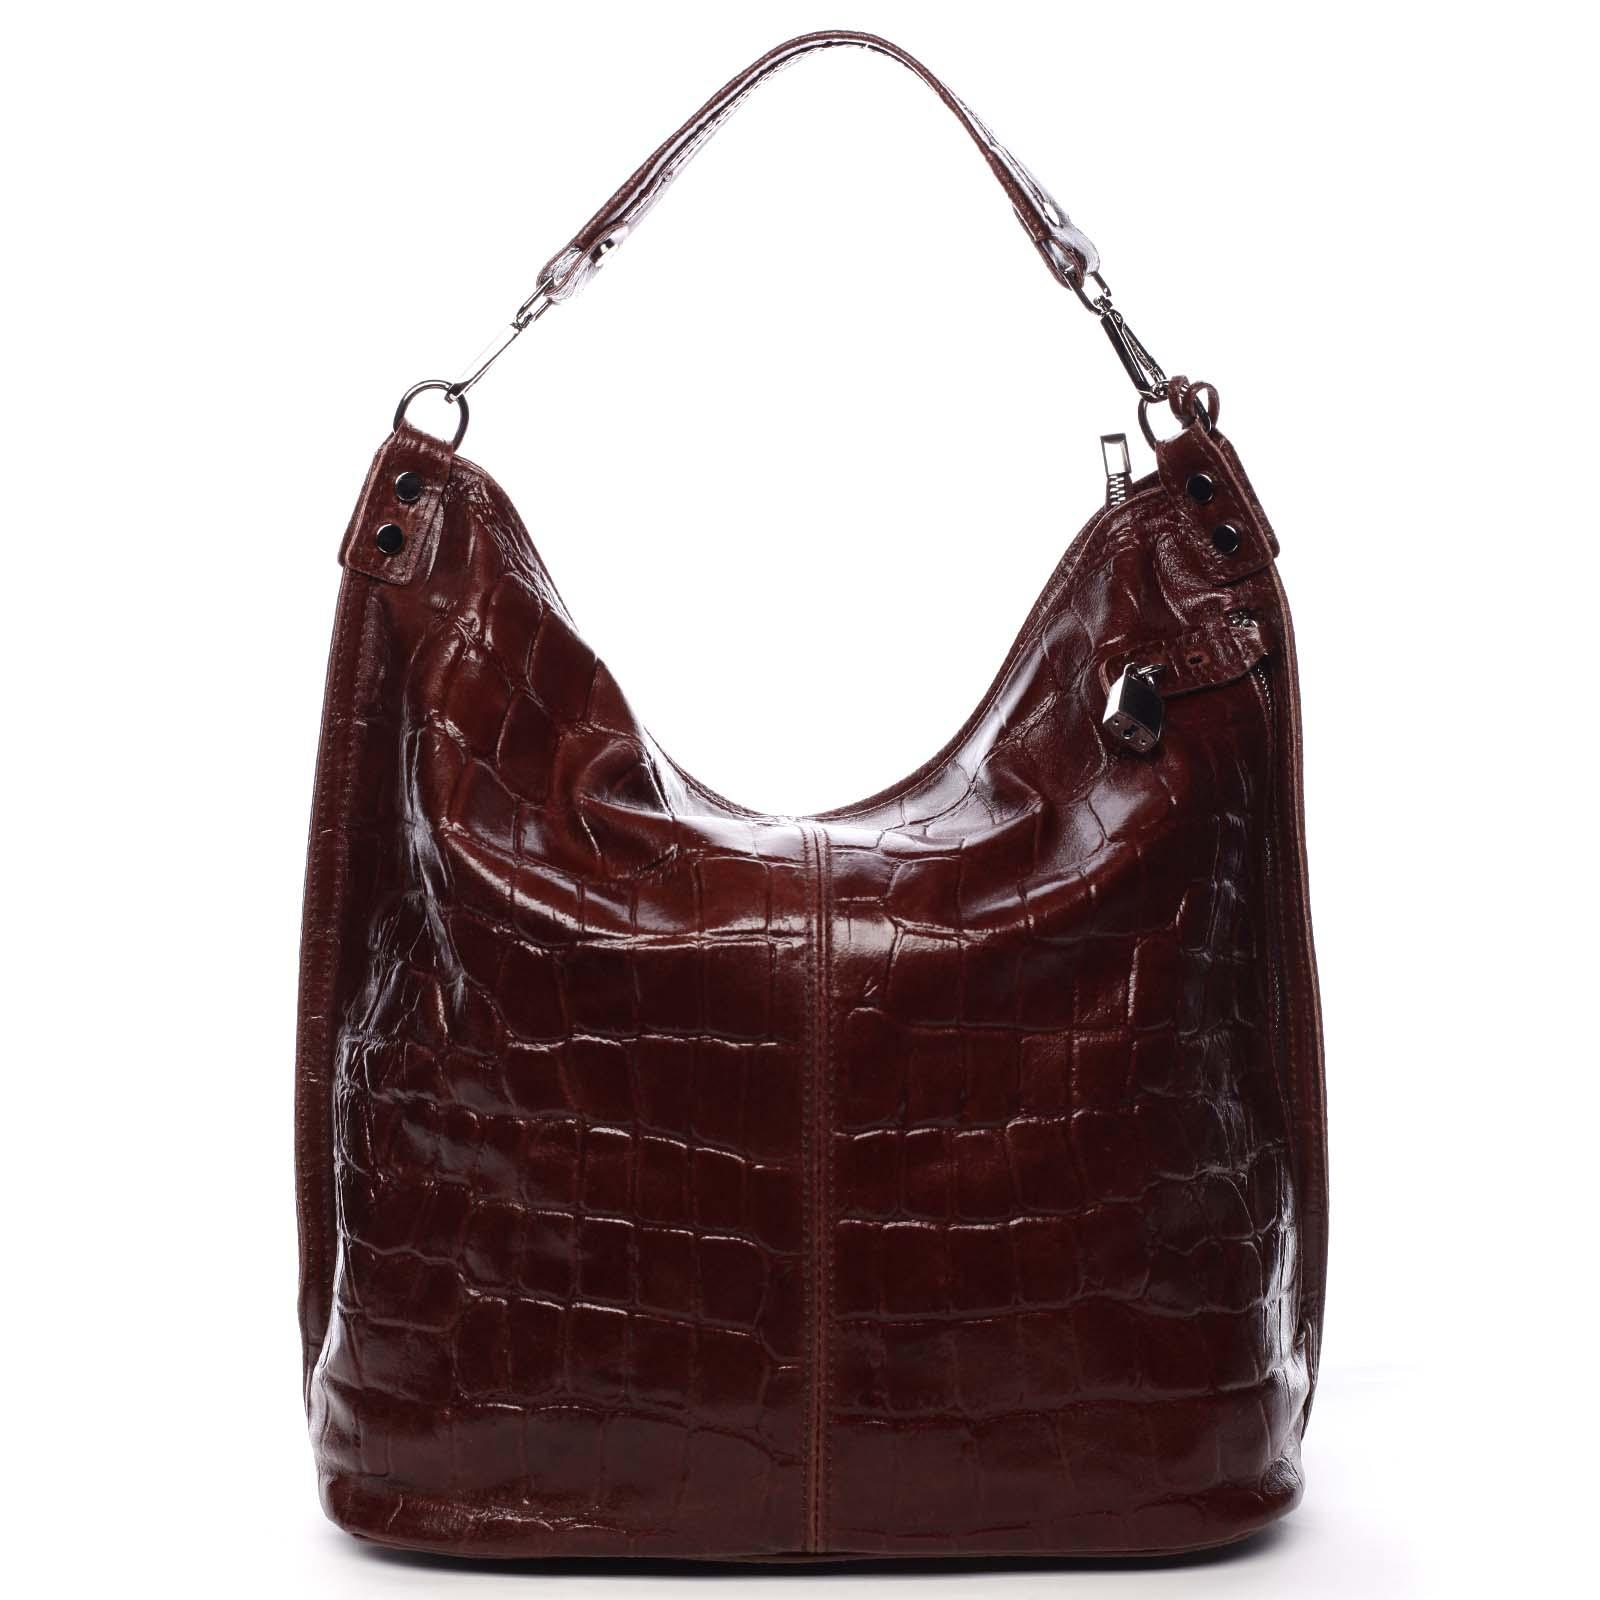 Veľká kožená dámska kabelka vínová - ItalY Celinda vínová